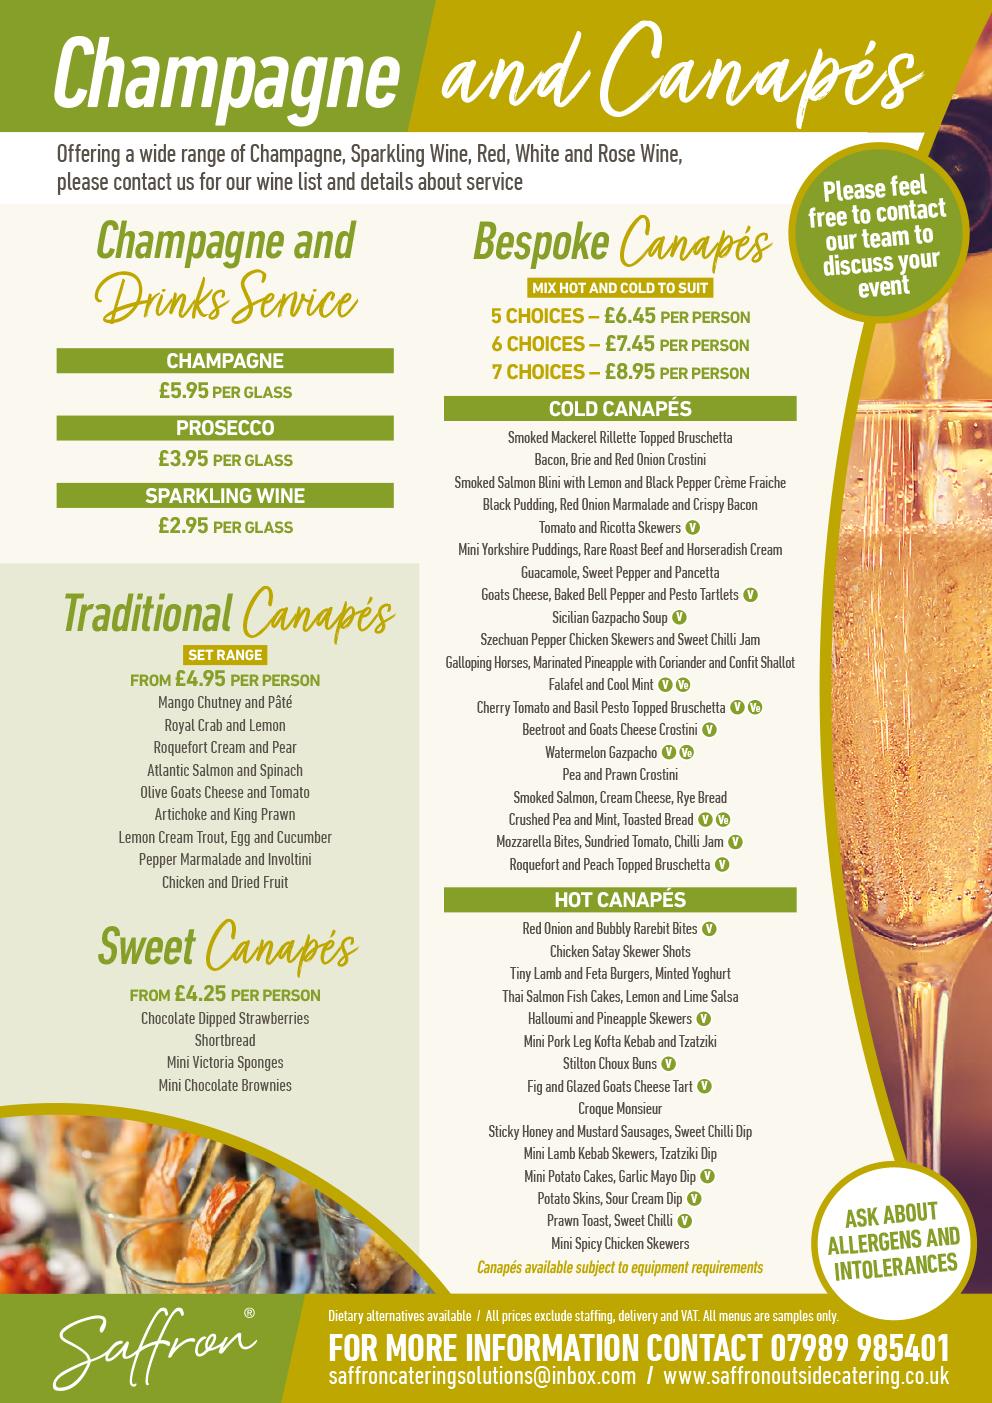 Saffron Menu Champagne Canapes - Champagne and Canapes